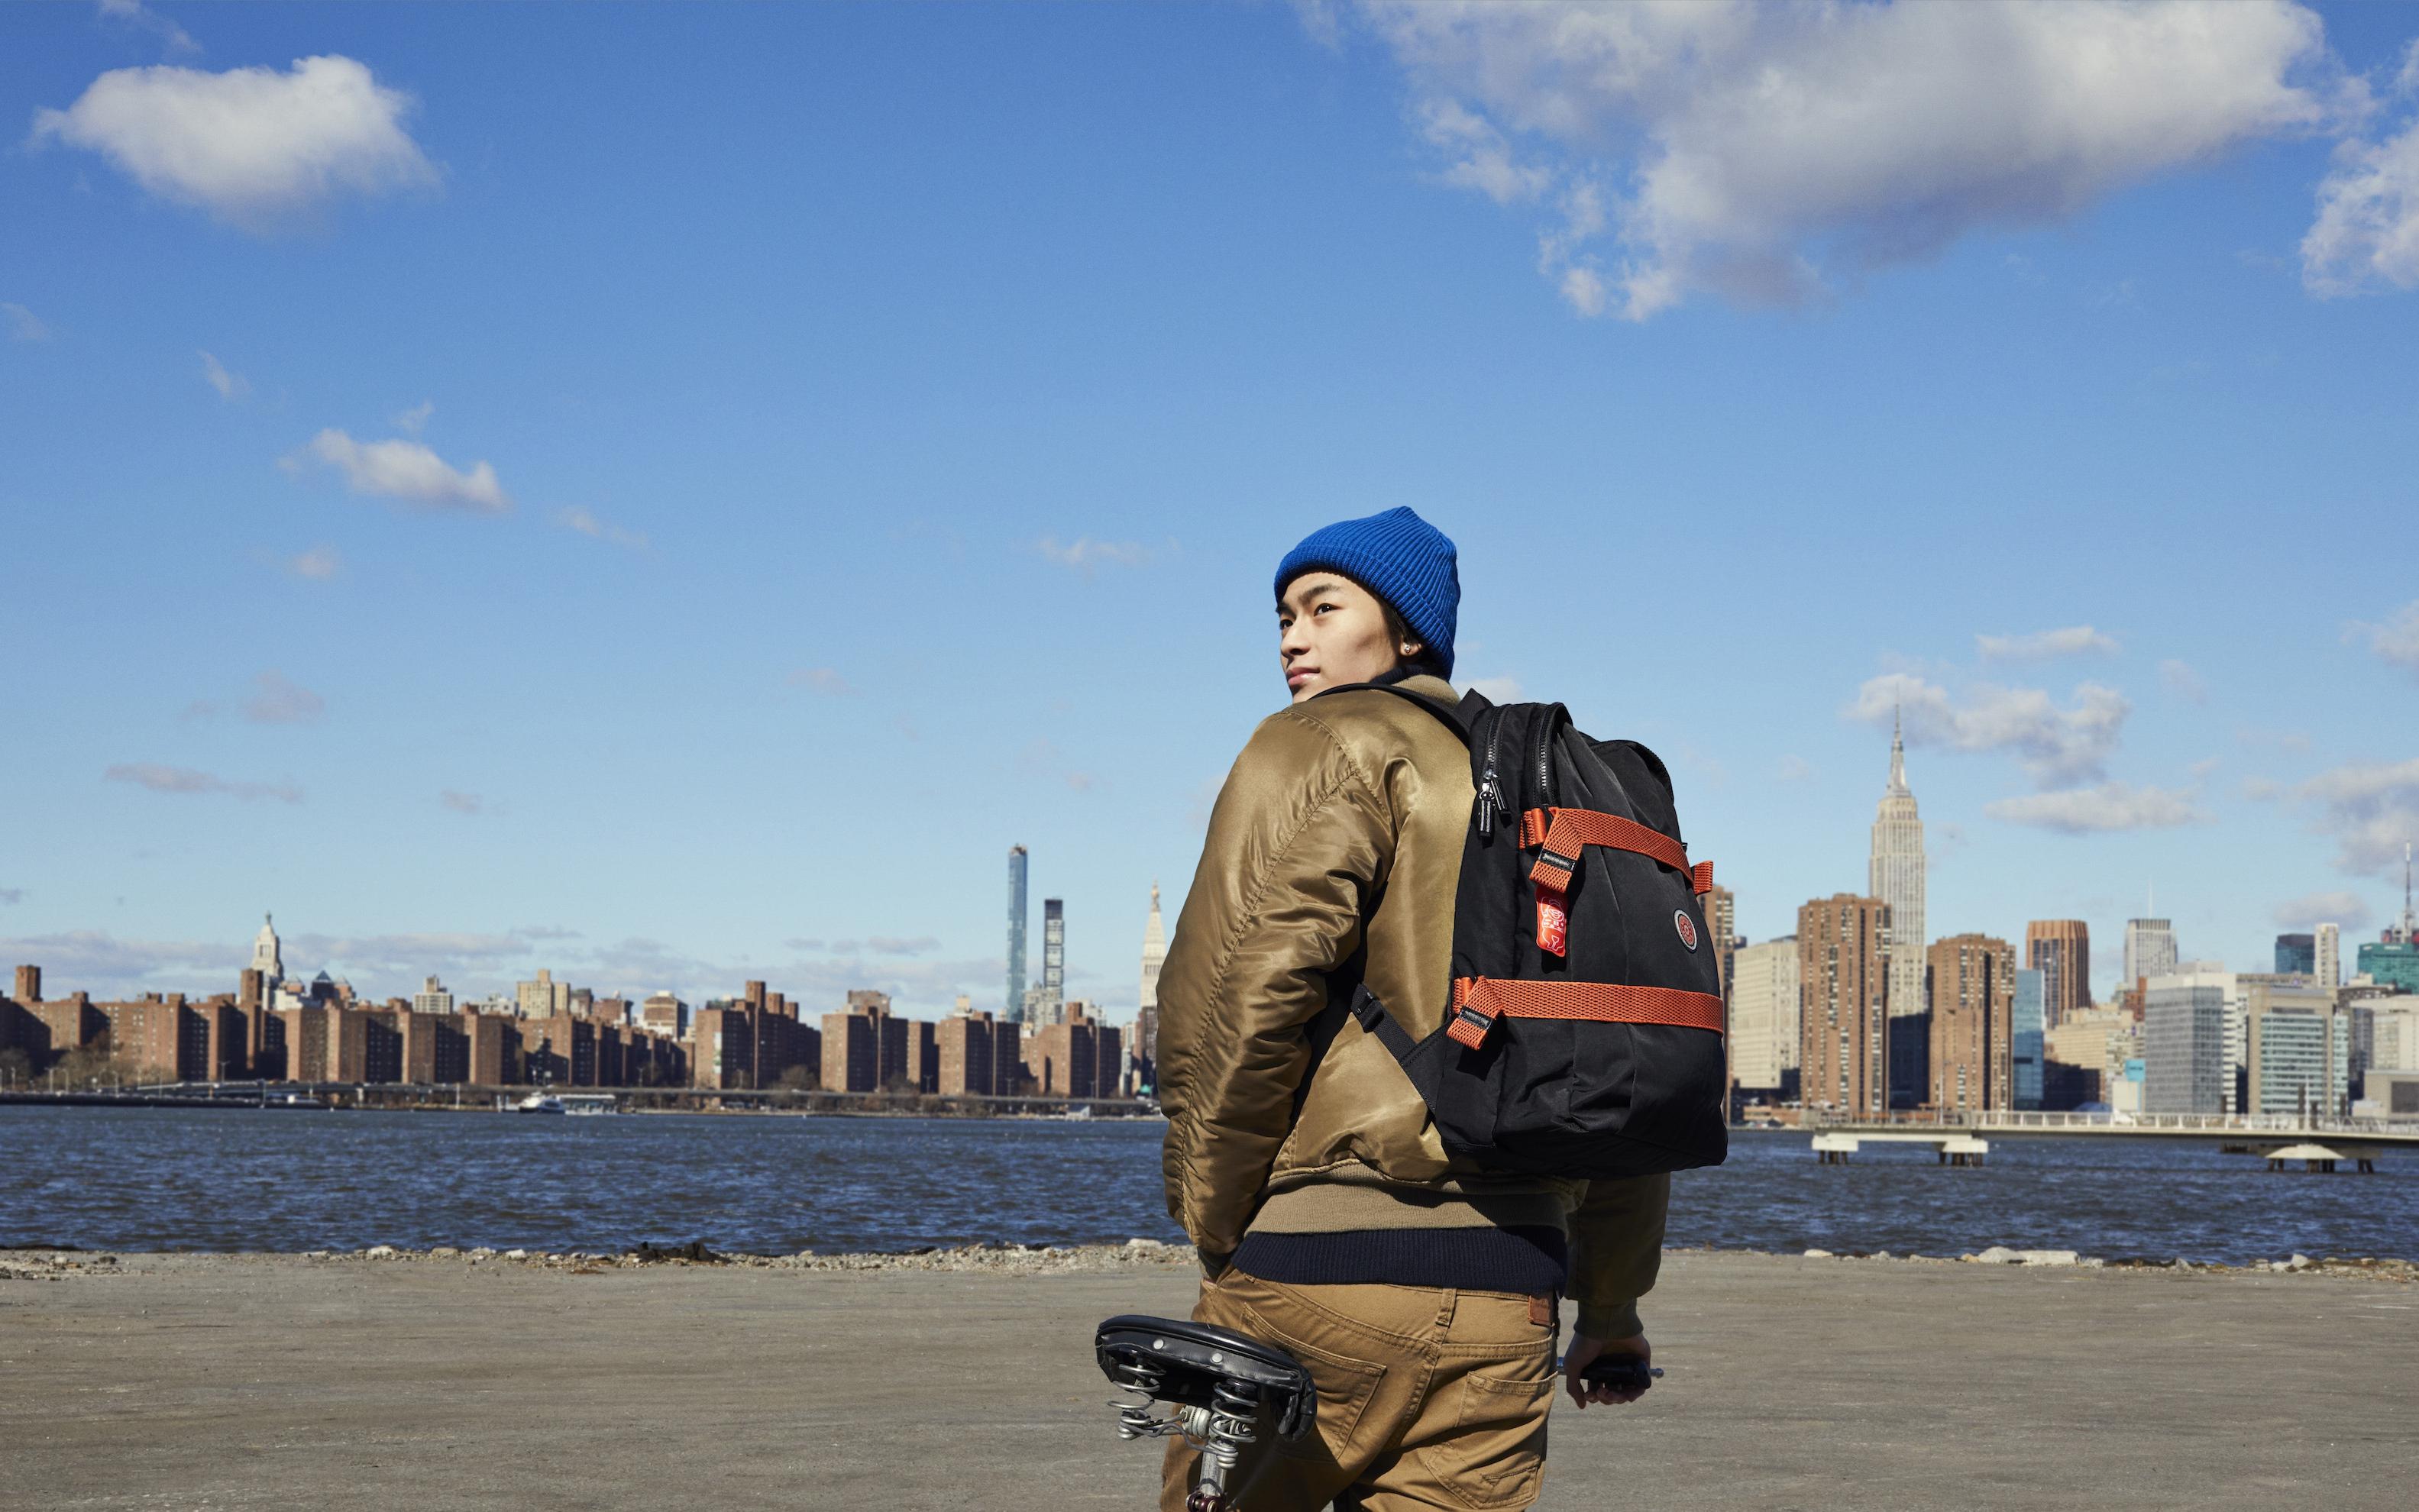 BOOST IT, la nueva colección de Kipling para descubridores urbanos